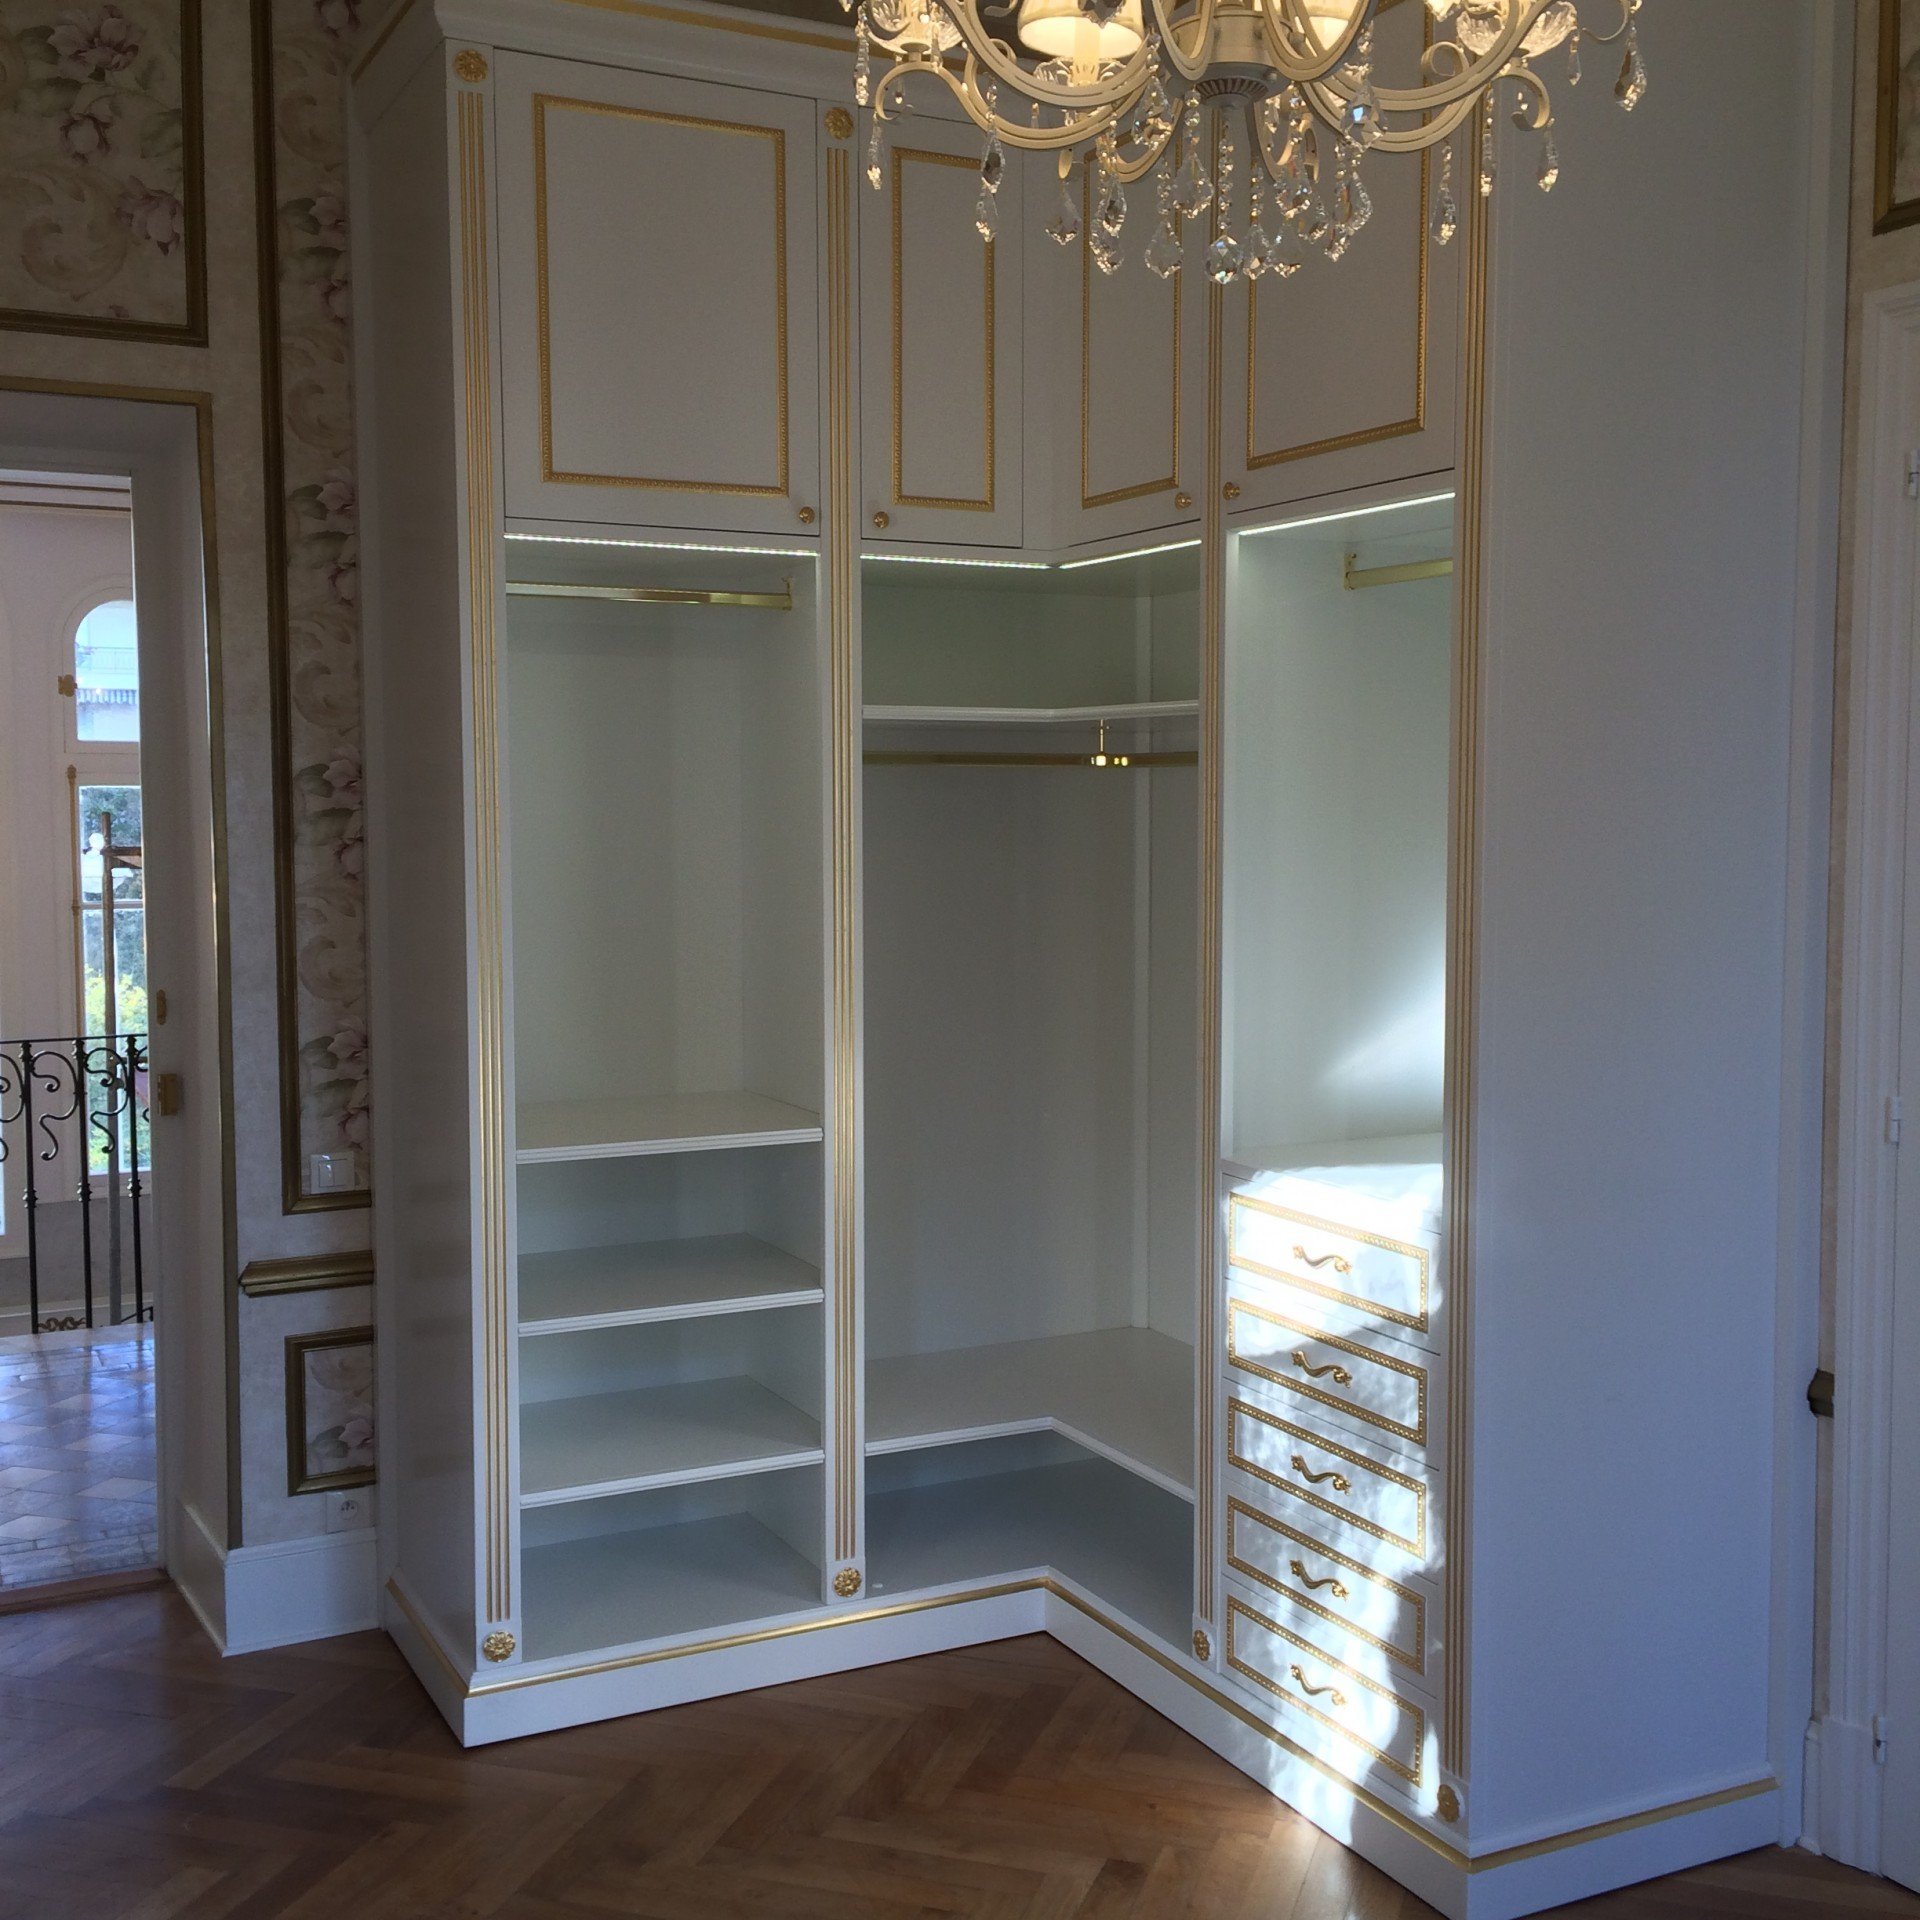 Cabine armadio in legno fadini mobili cerea verona - Cabine armadio in legno ...